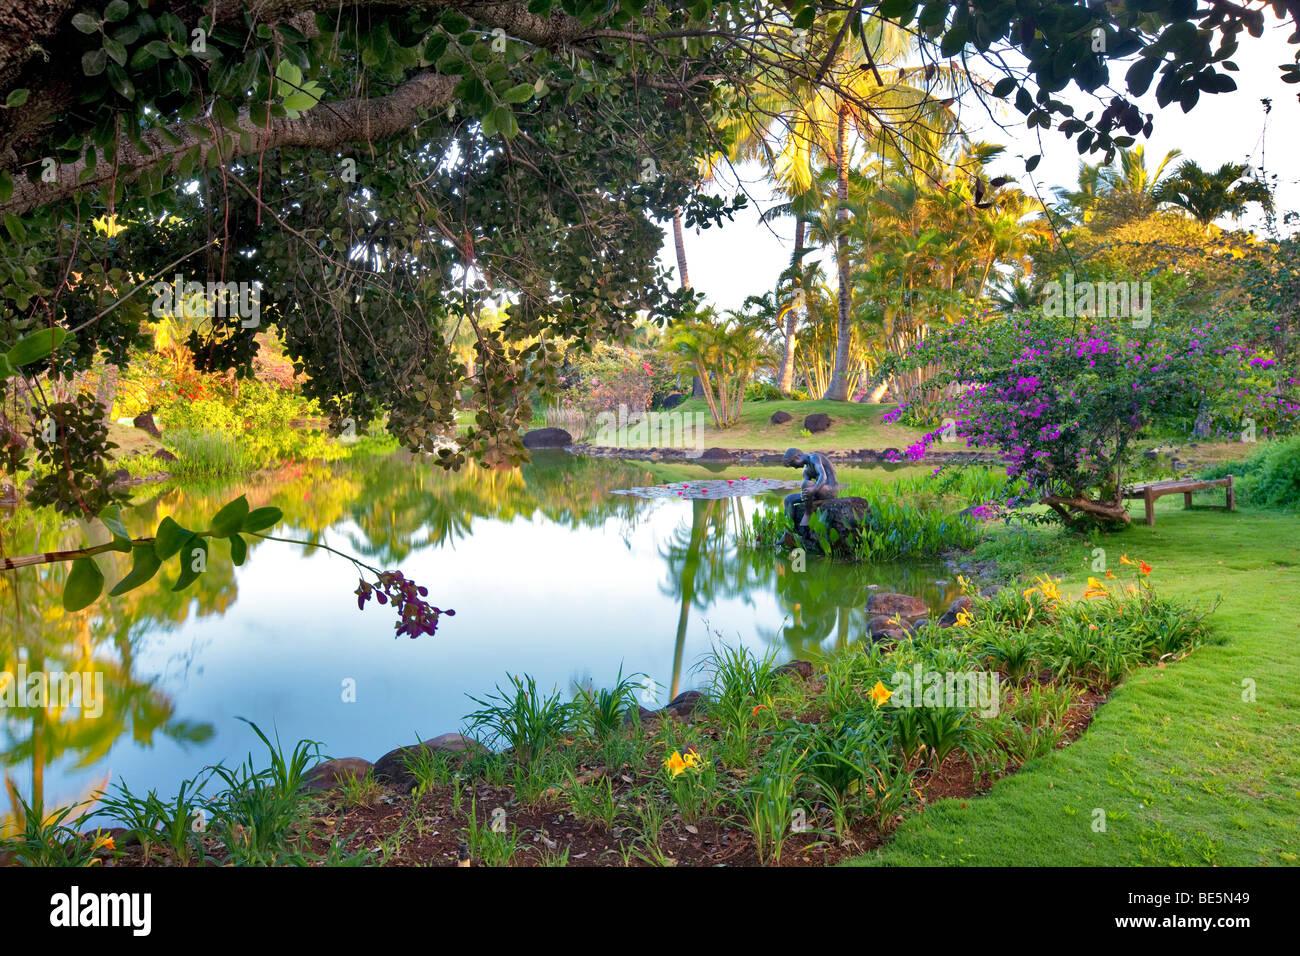 Pond And Garden With Sculpture At Na Aina Kai Botanical Gardens. Kauai,  Hawaii